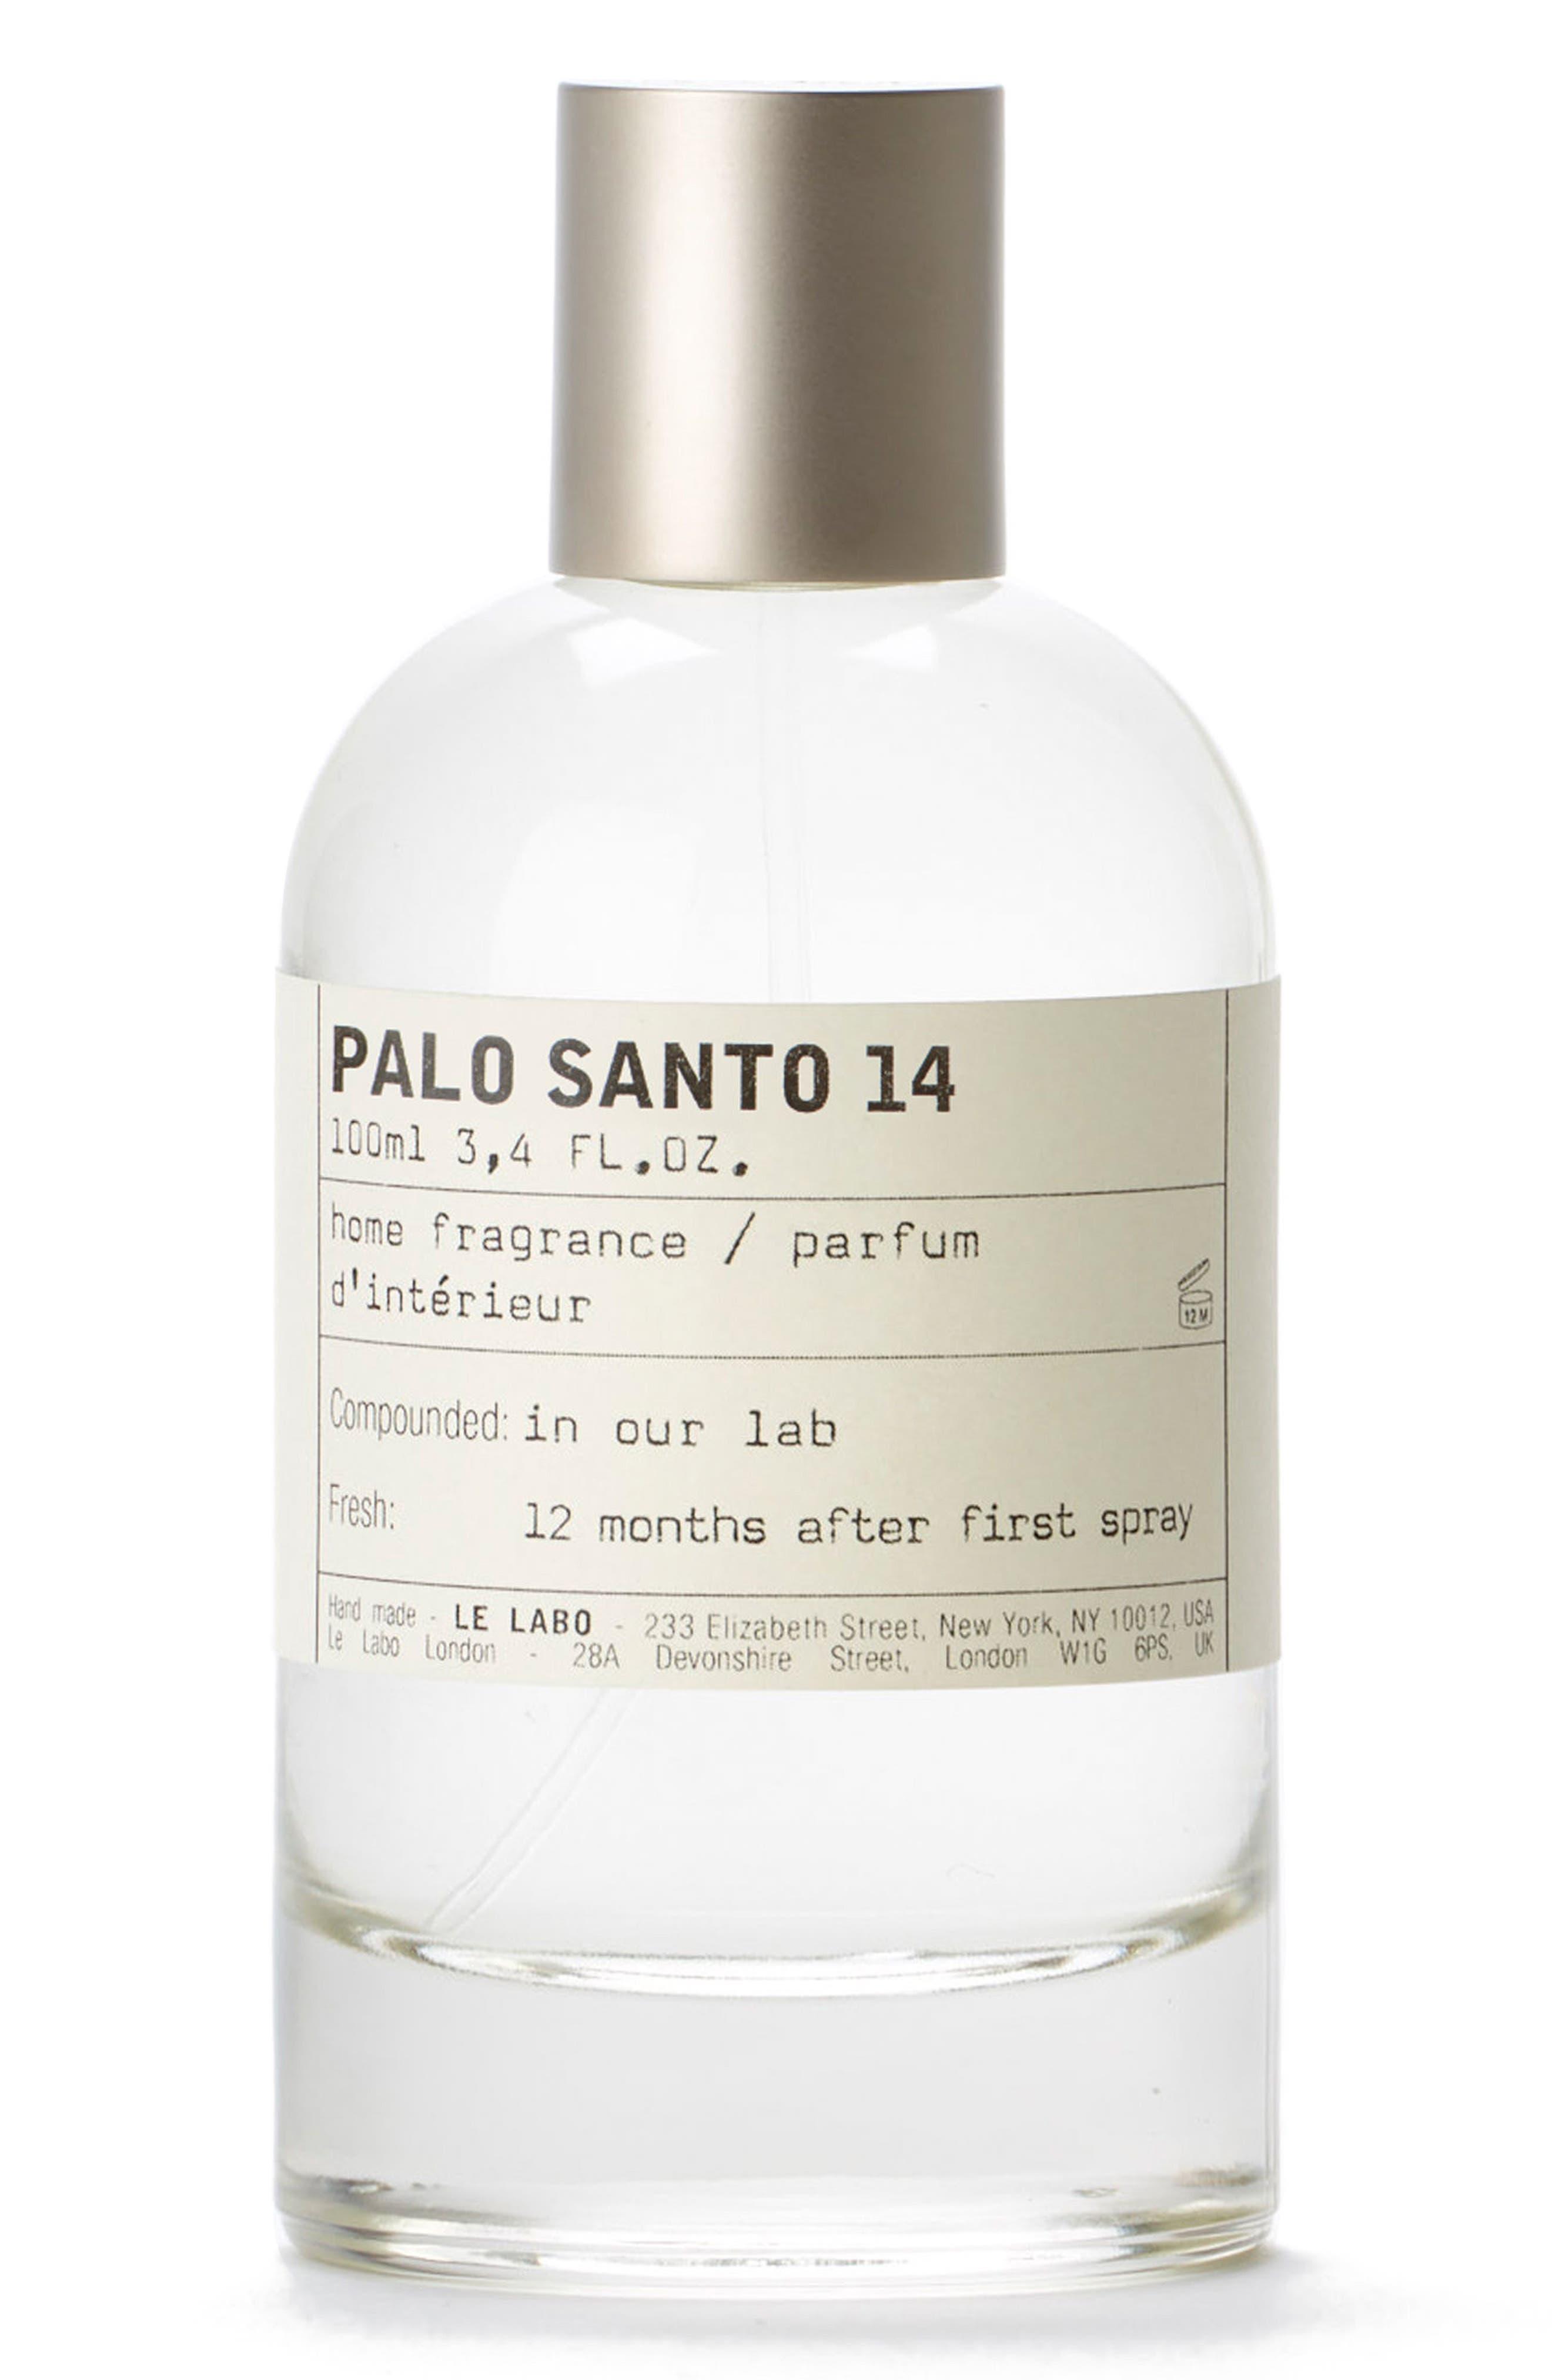 Le Labo Palo Santo 14 Home Fragrance Spray